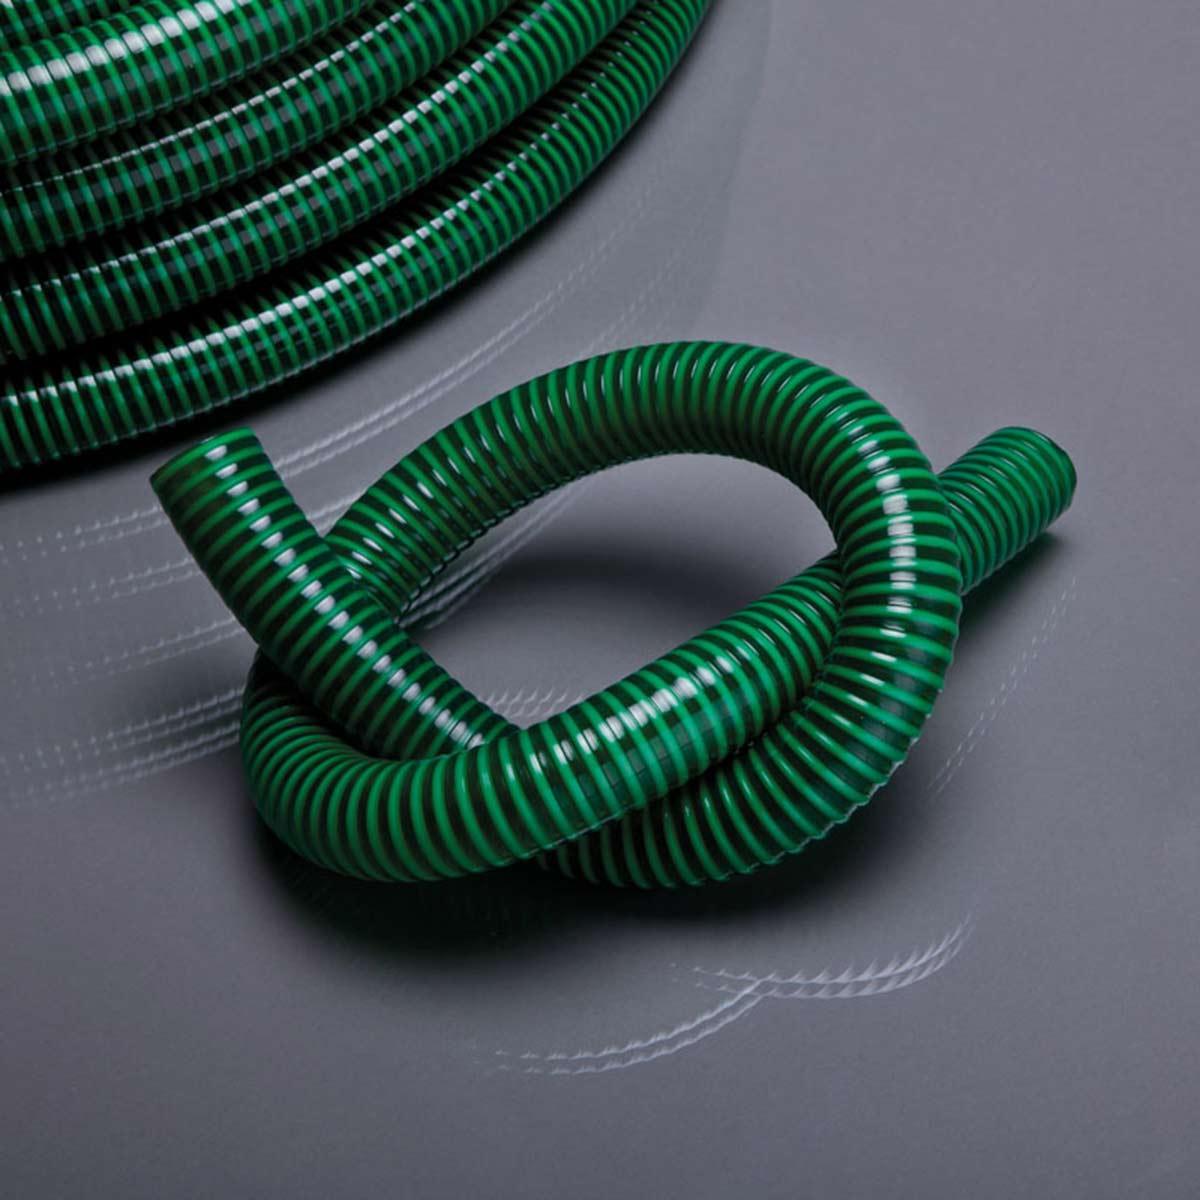 Saug-/Druckschlauch Zuschnitt, aus PVC, grün transparent, L 50 m, d 19 mm, D 23.8 mm